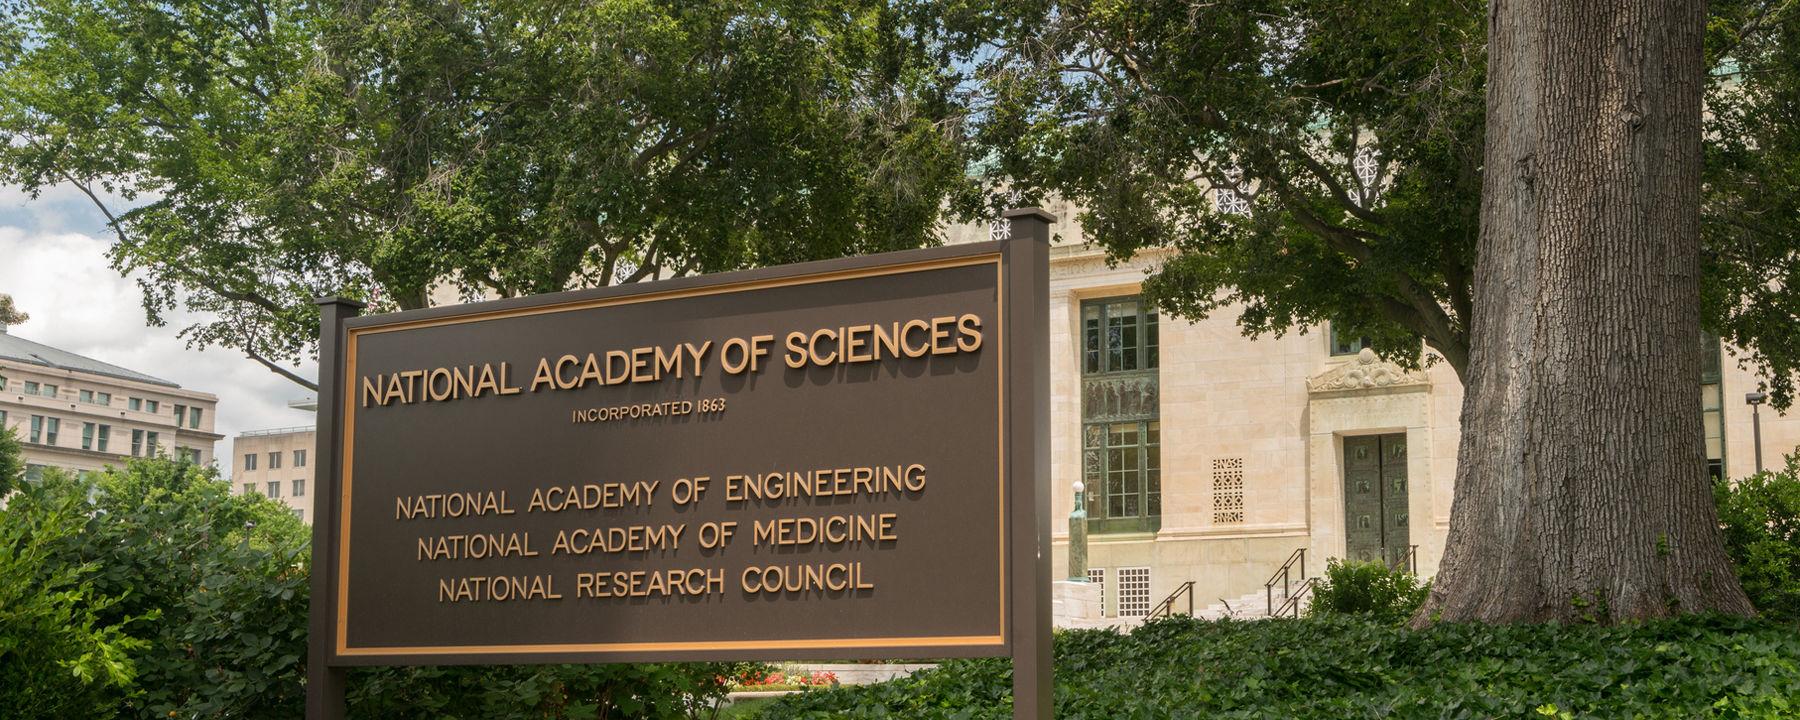 Accélération de la décarbonation des Etats-Unis – Une approche systémique et sociale de l'Académie des Sciences américaine